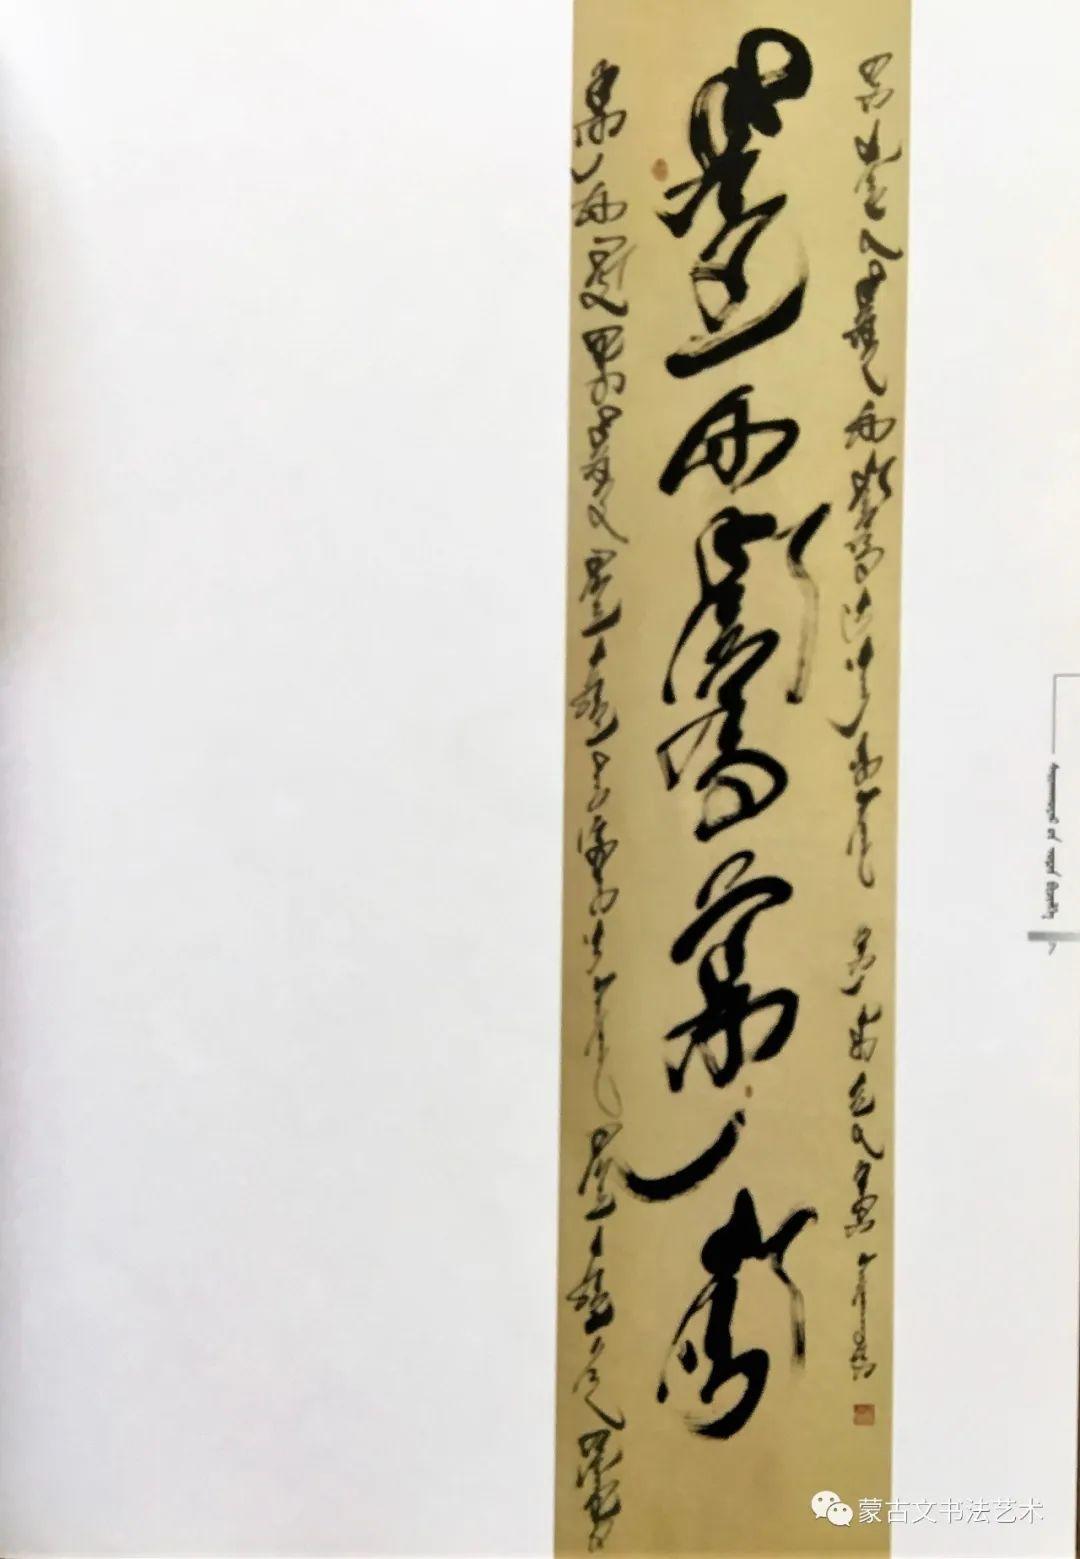 包赛音花《传奇奈曼-包赛音花蒙古文书法》 第9张 包赛音花《传奇奈曼-包赛音花蒙古文书法》 蒙古书法